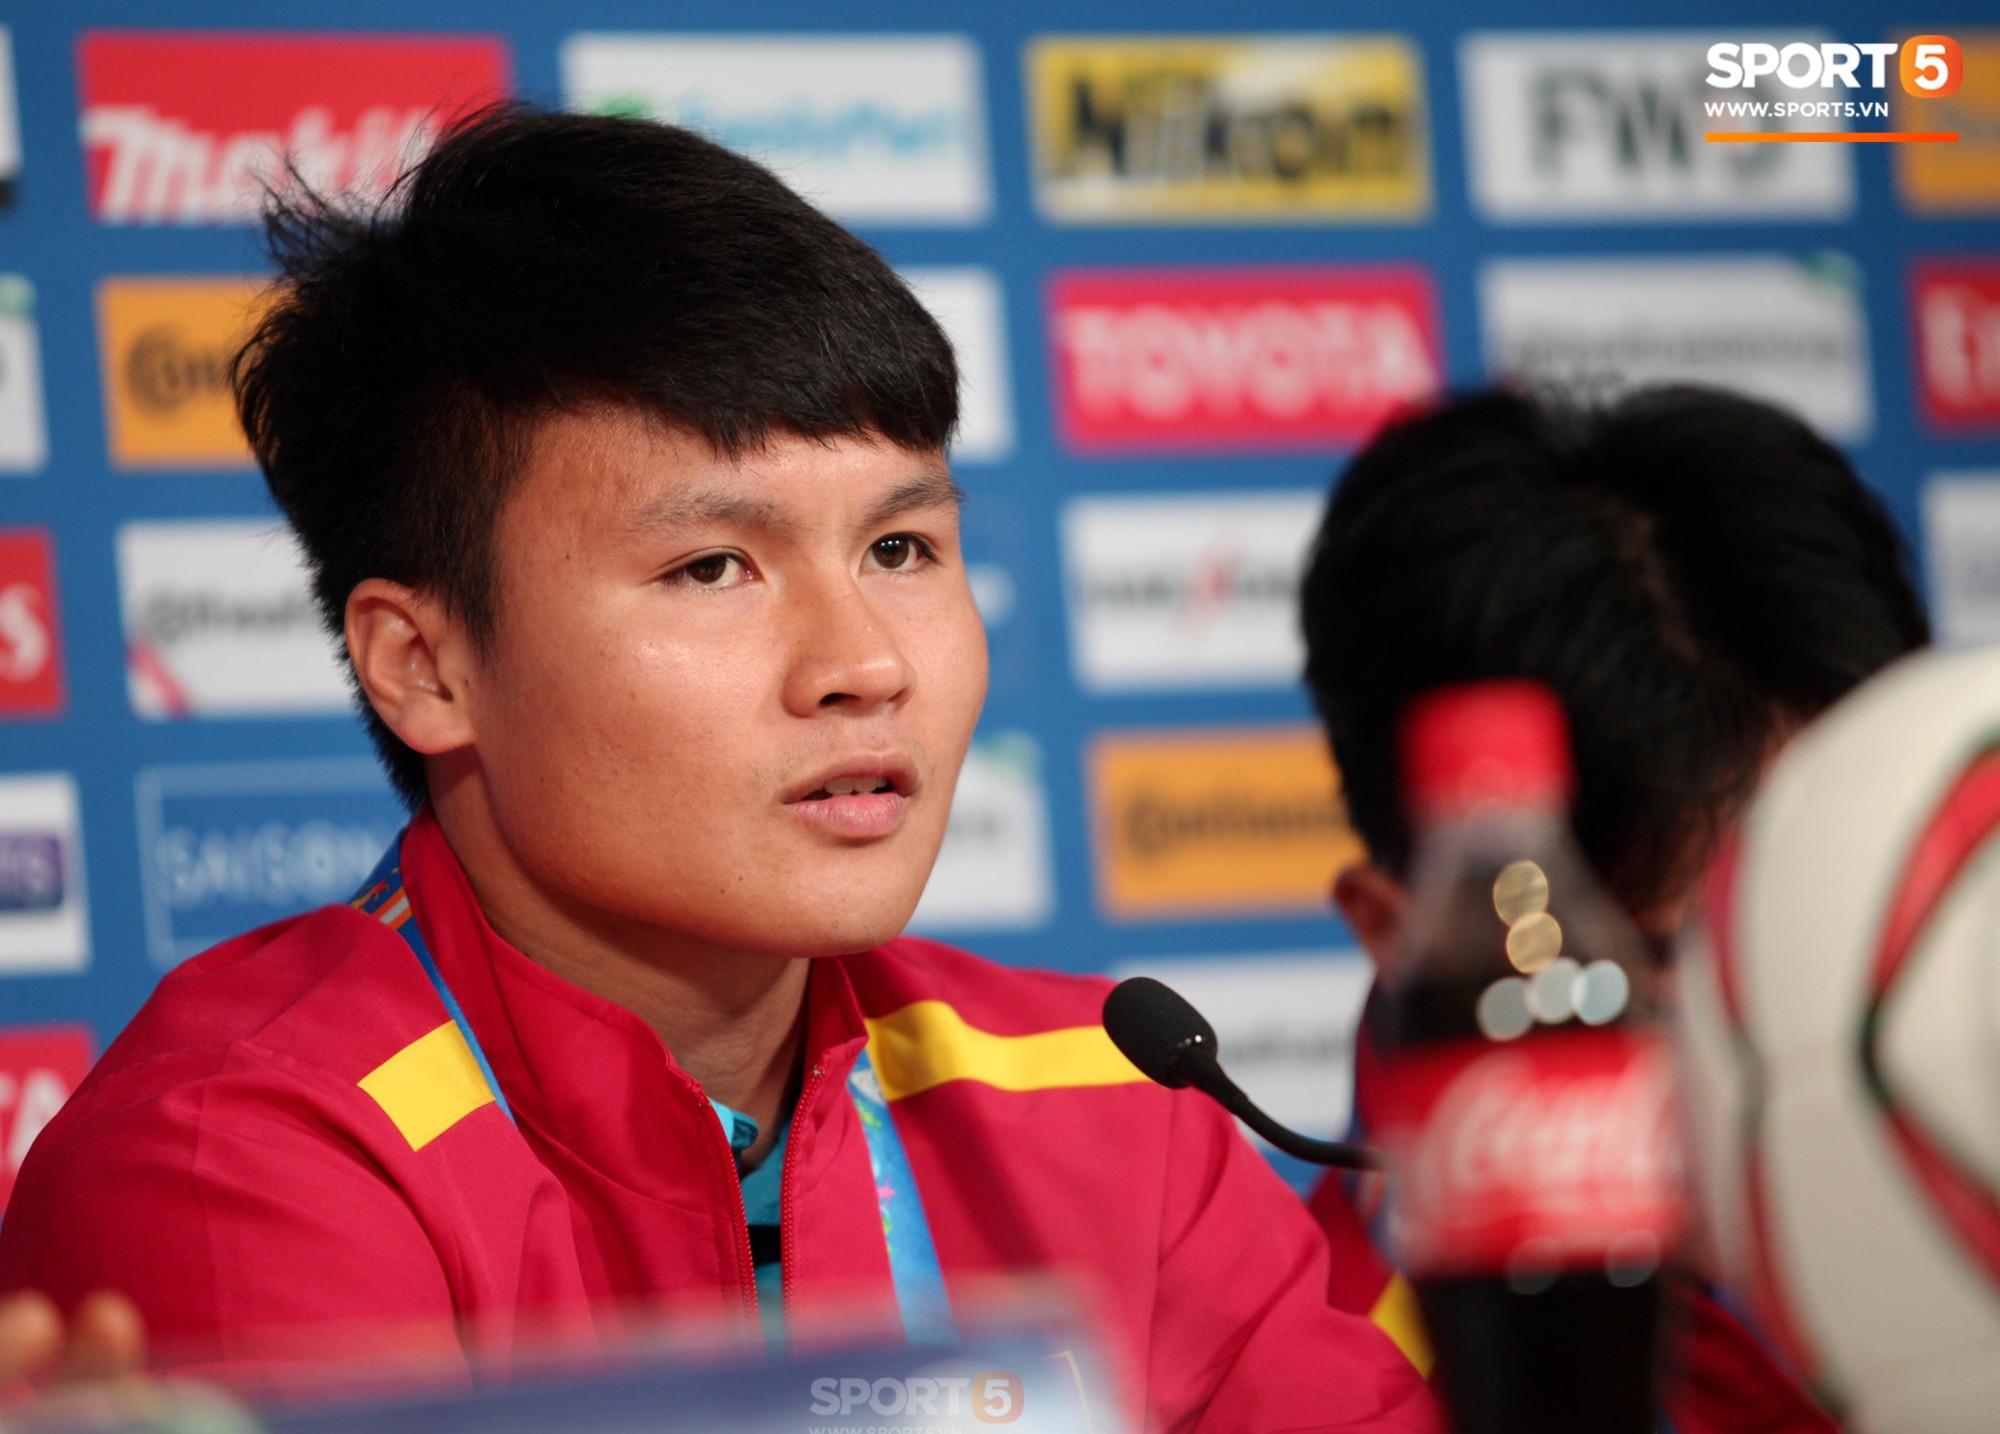 Hình ảnh Quang Hải nói gì trước trận đối đầu với đội tuyển Iran tại Asian Cup 2019 số 1